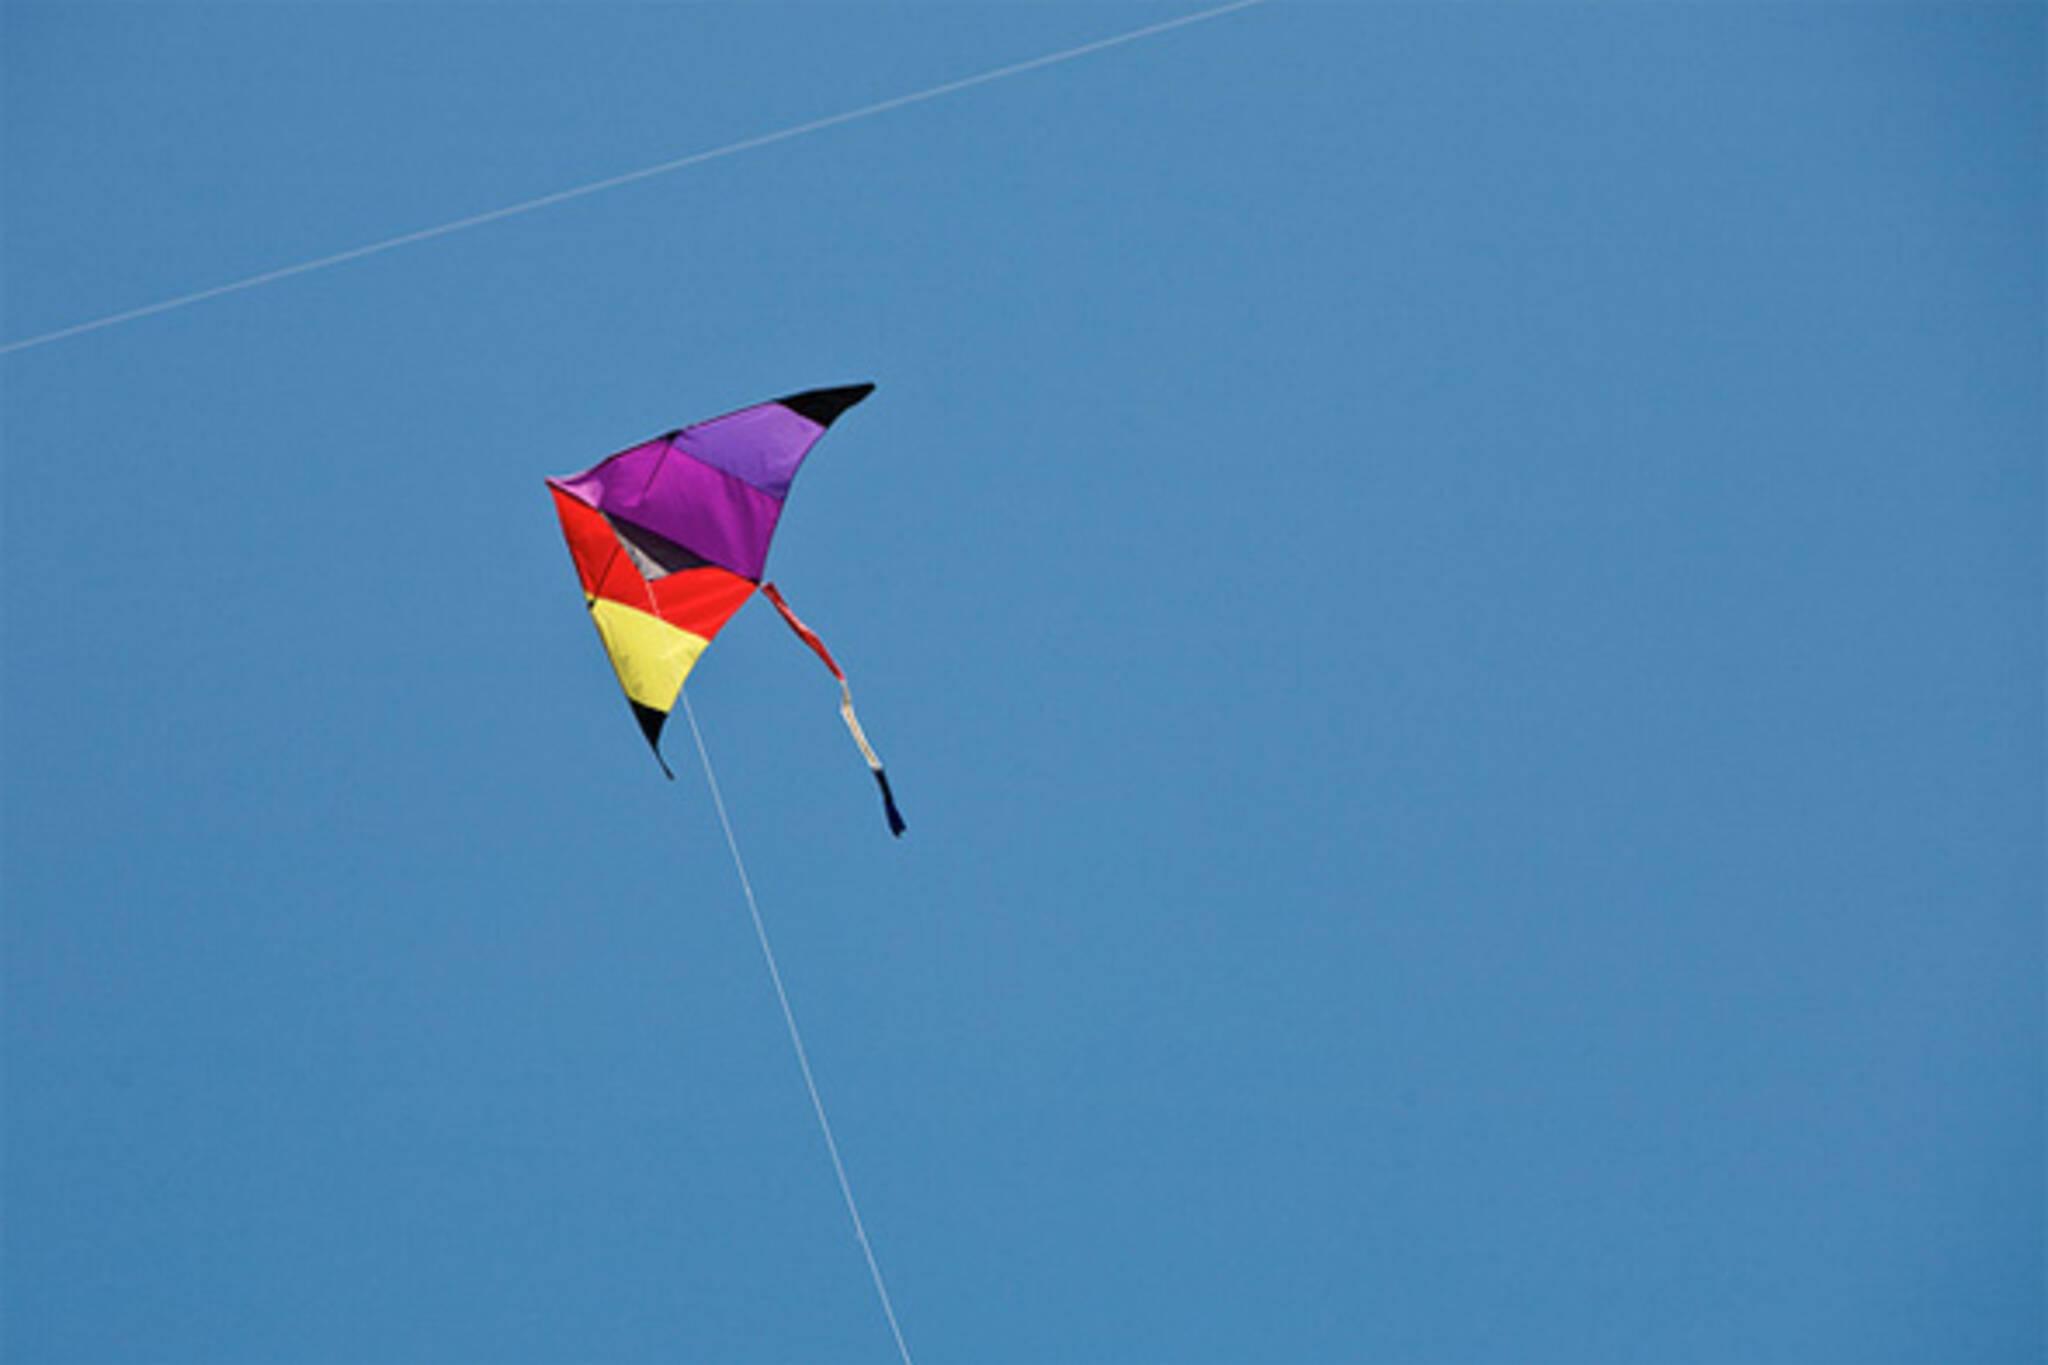 kite ban toronto park